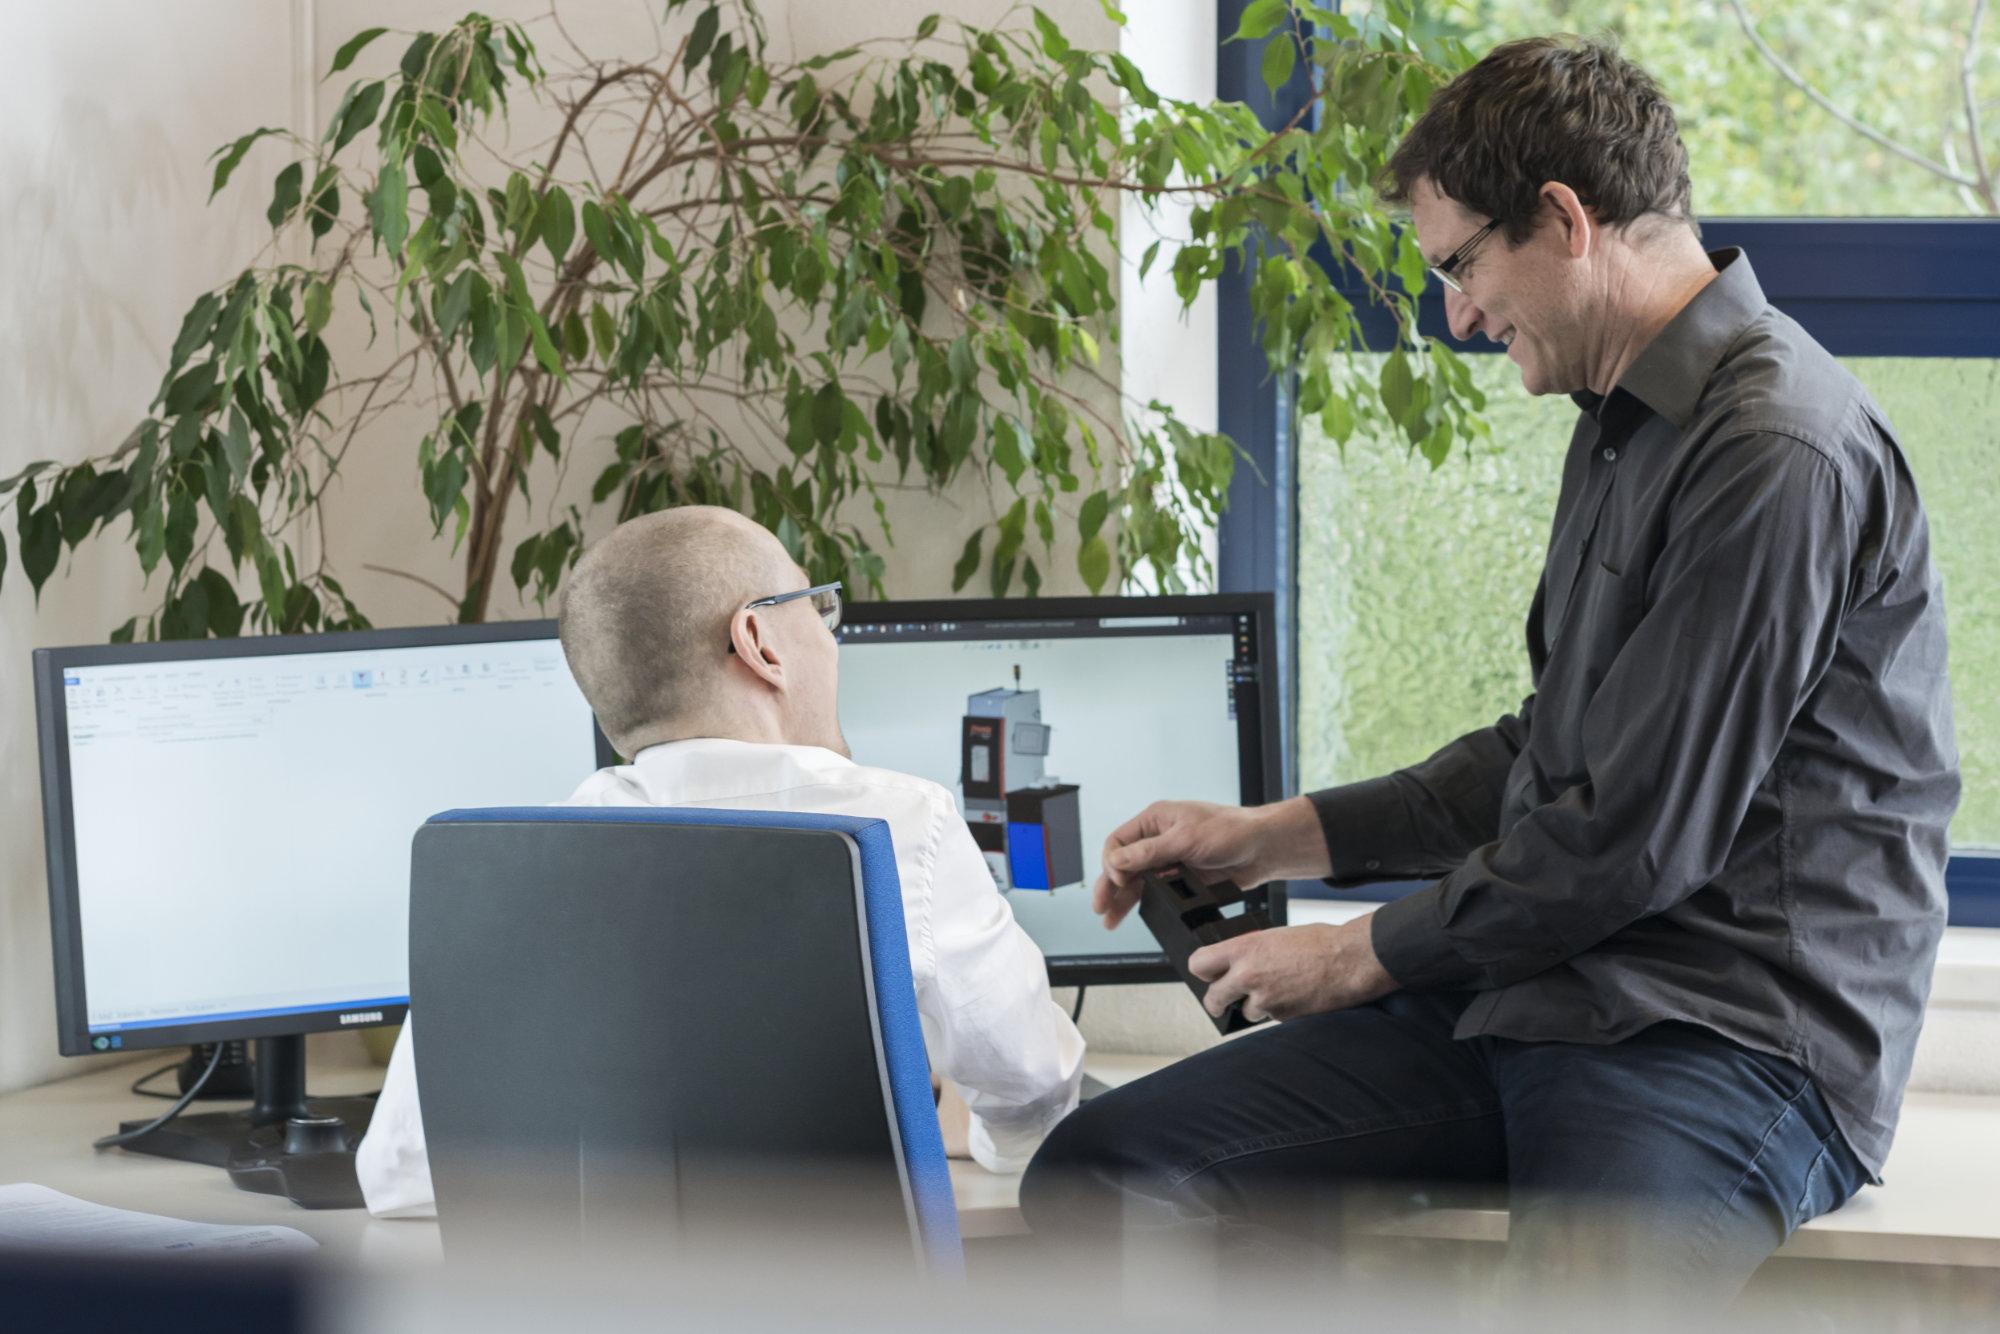 Zwei Personen im Büro bei der Machbarkeitsprüfunk